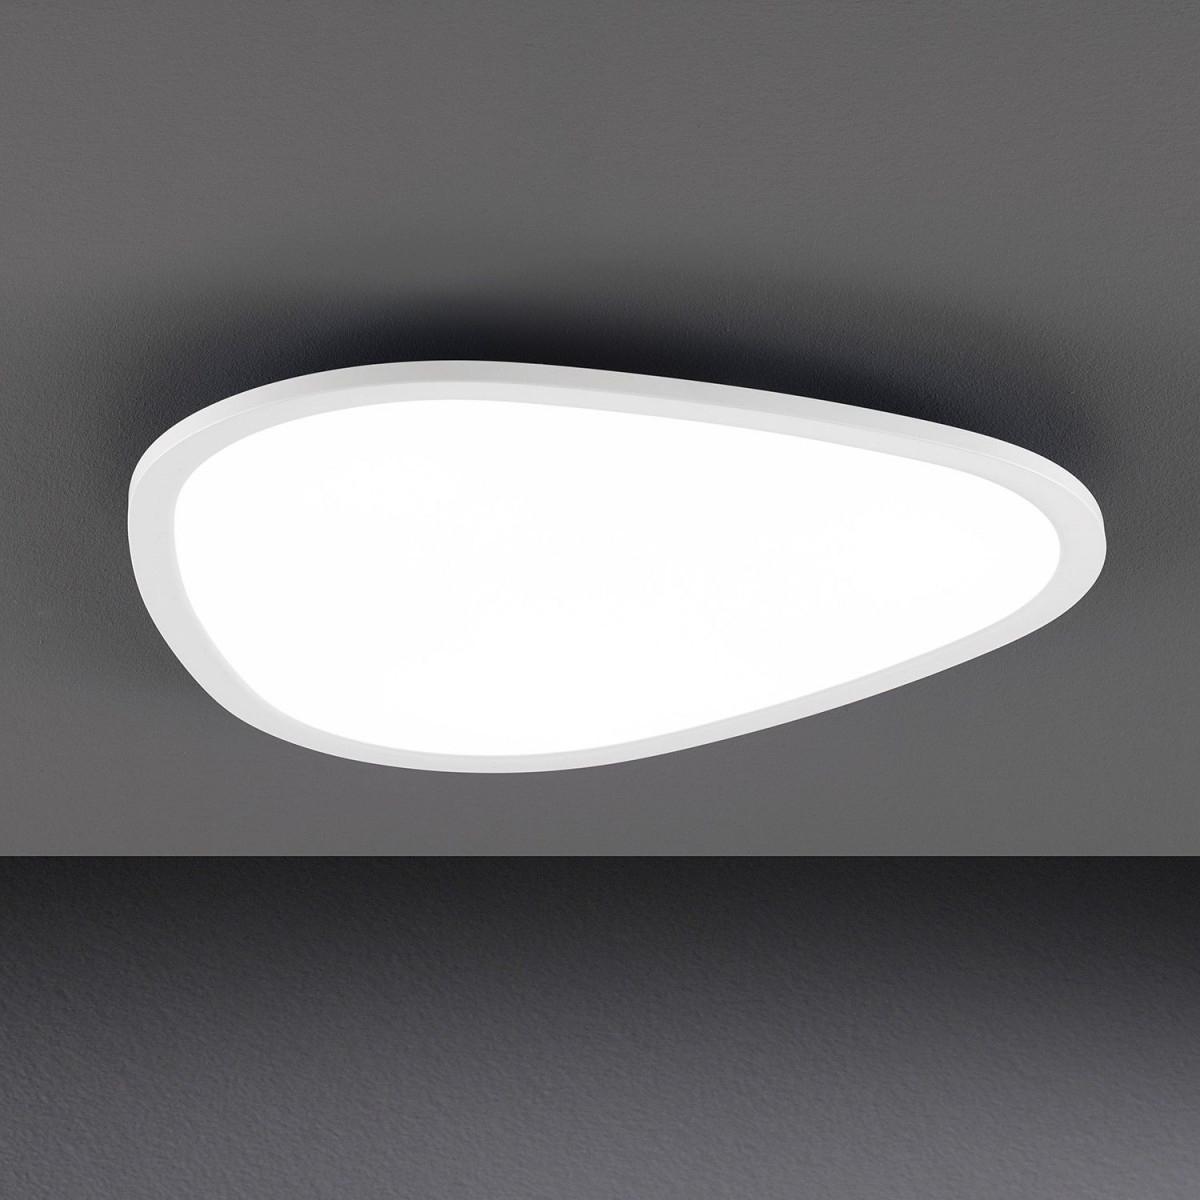 Kristall Lampen Modern  Led Deckenlampe Flach  Badezimmer von Moderne Led Deckenlampe Wohnzimmer Photo